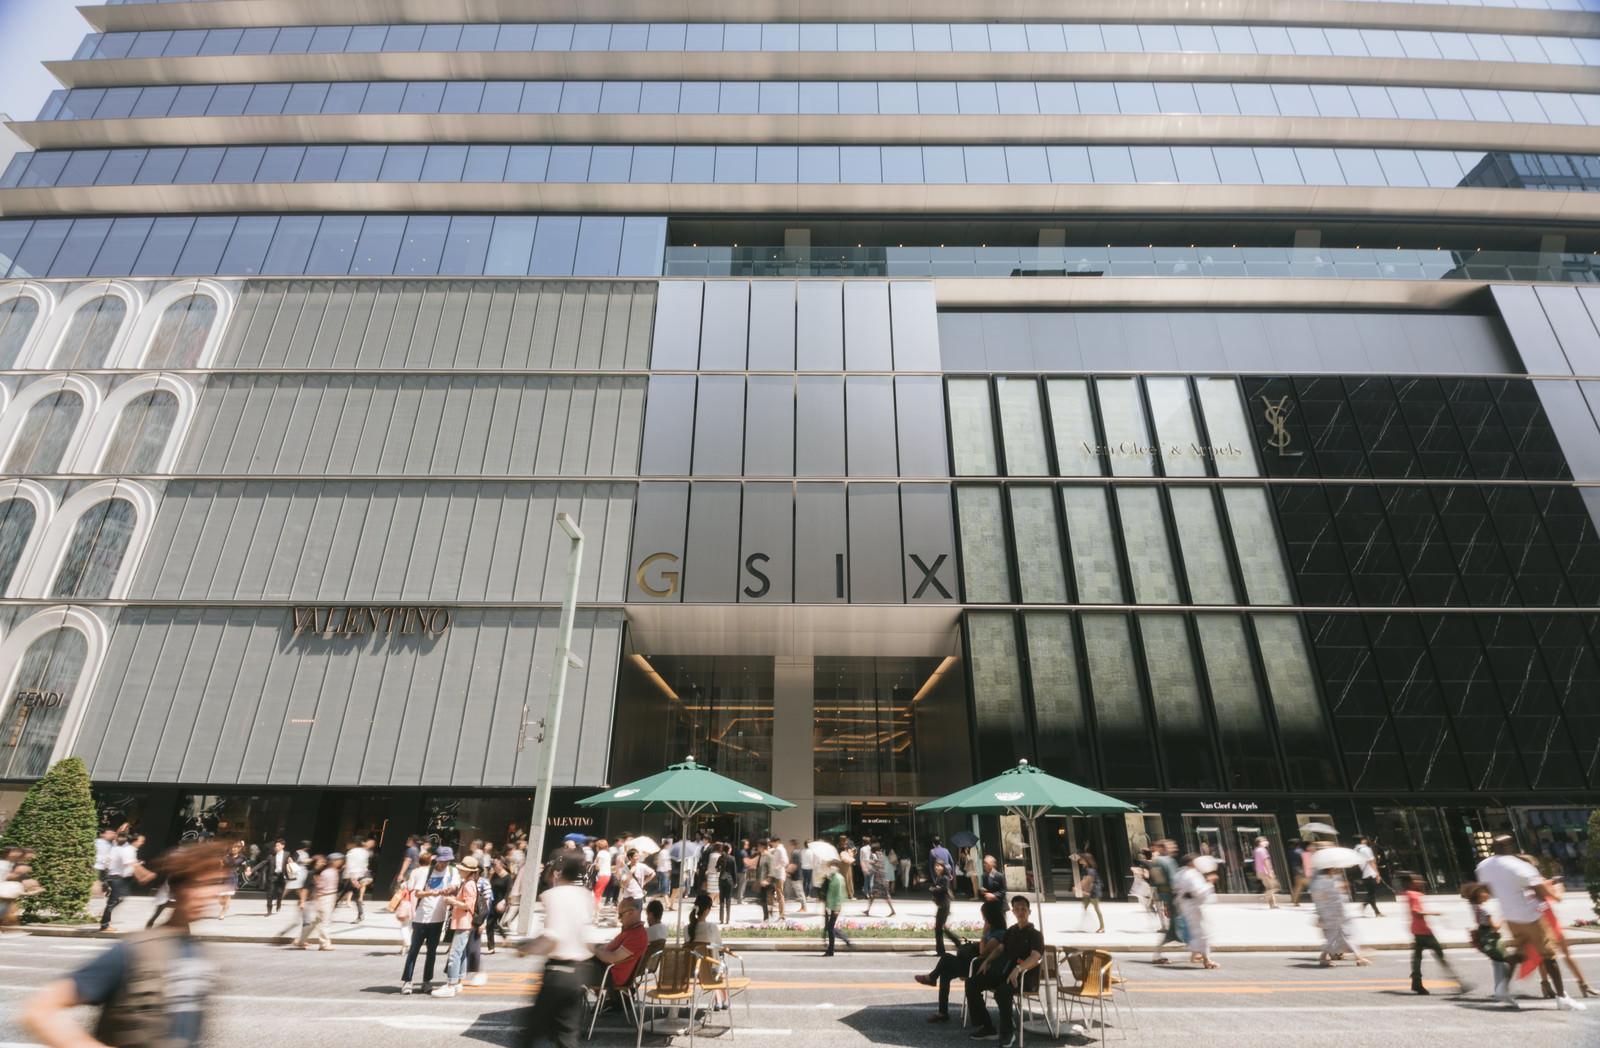 「銀座エリア最大の商業施設「ギンザシックス」」の写真